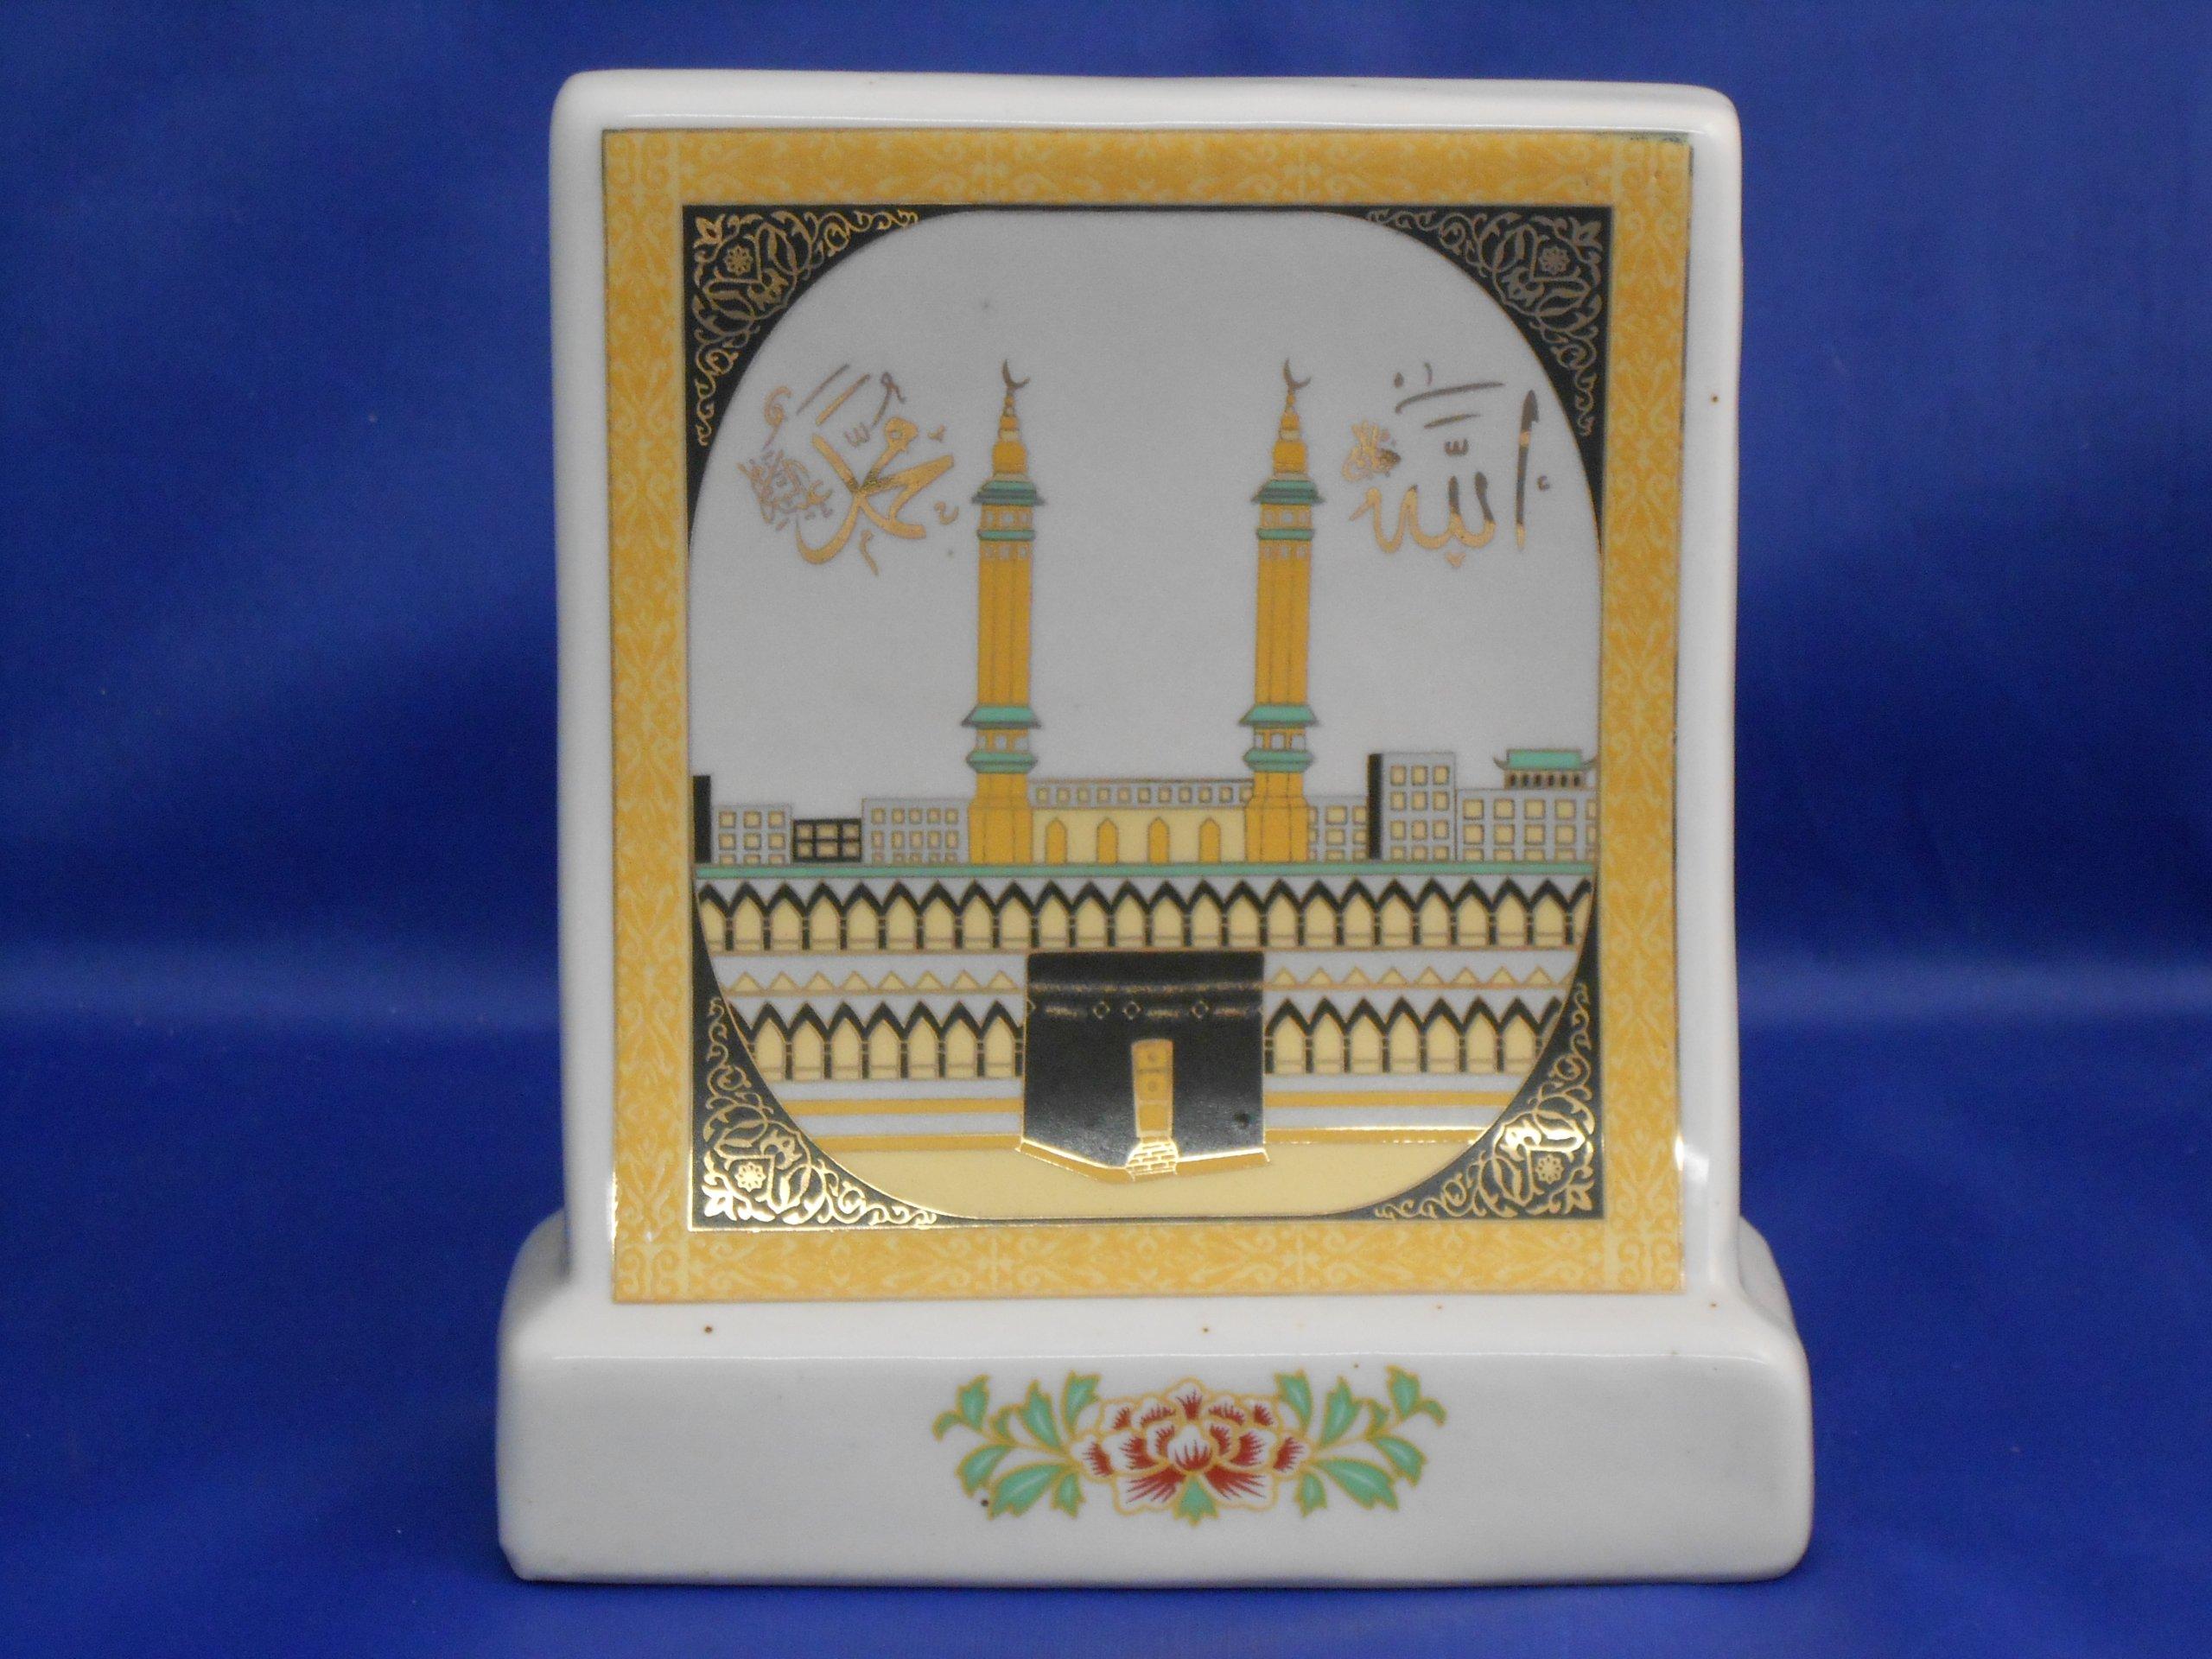 White Ceramic Home Decorative